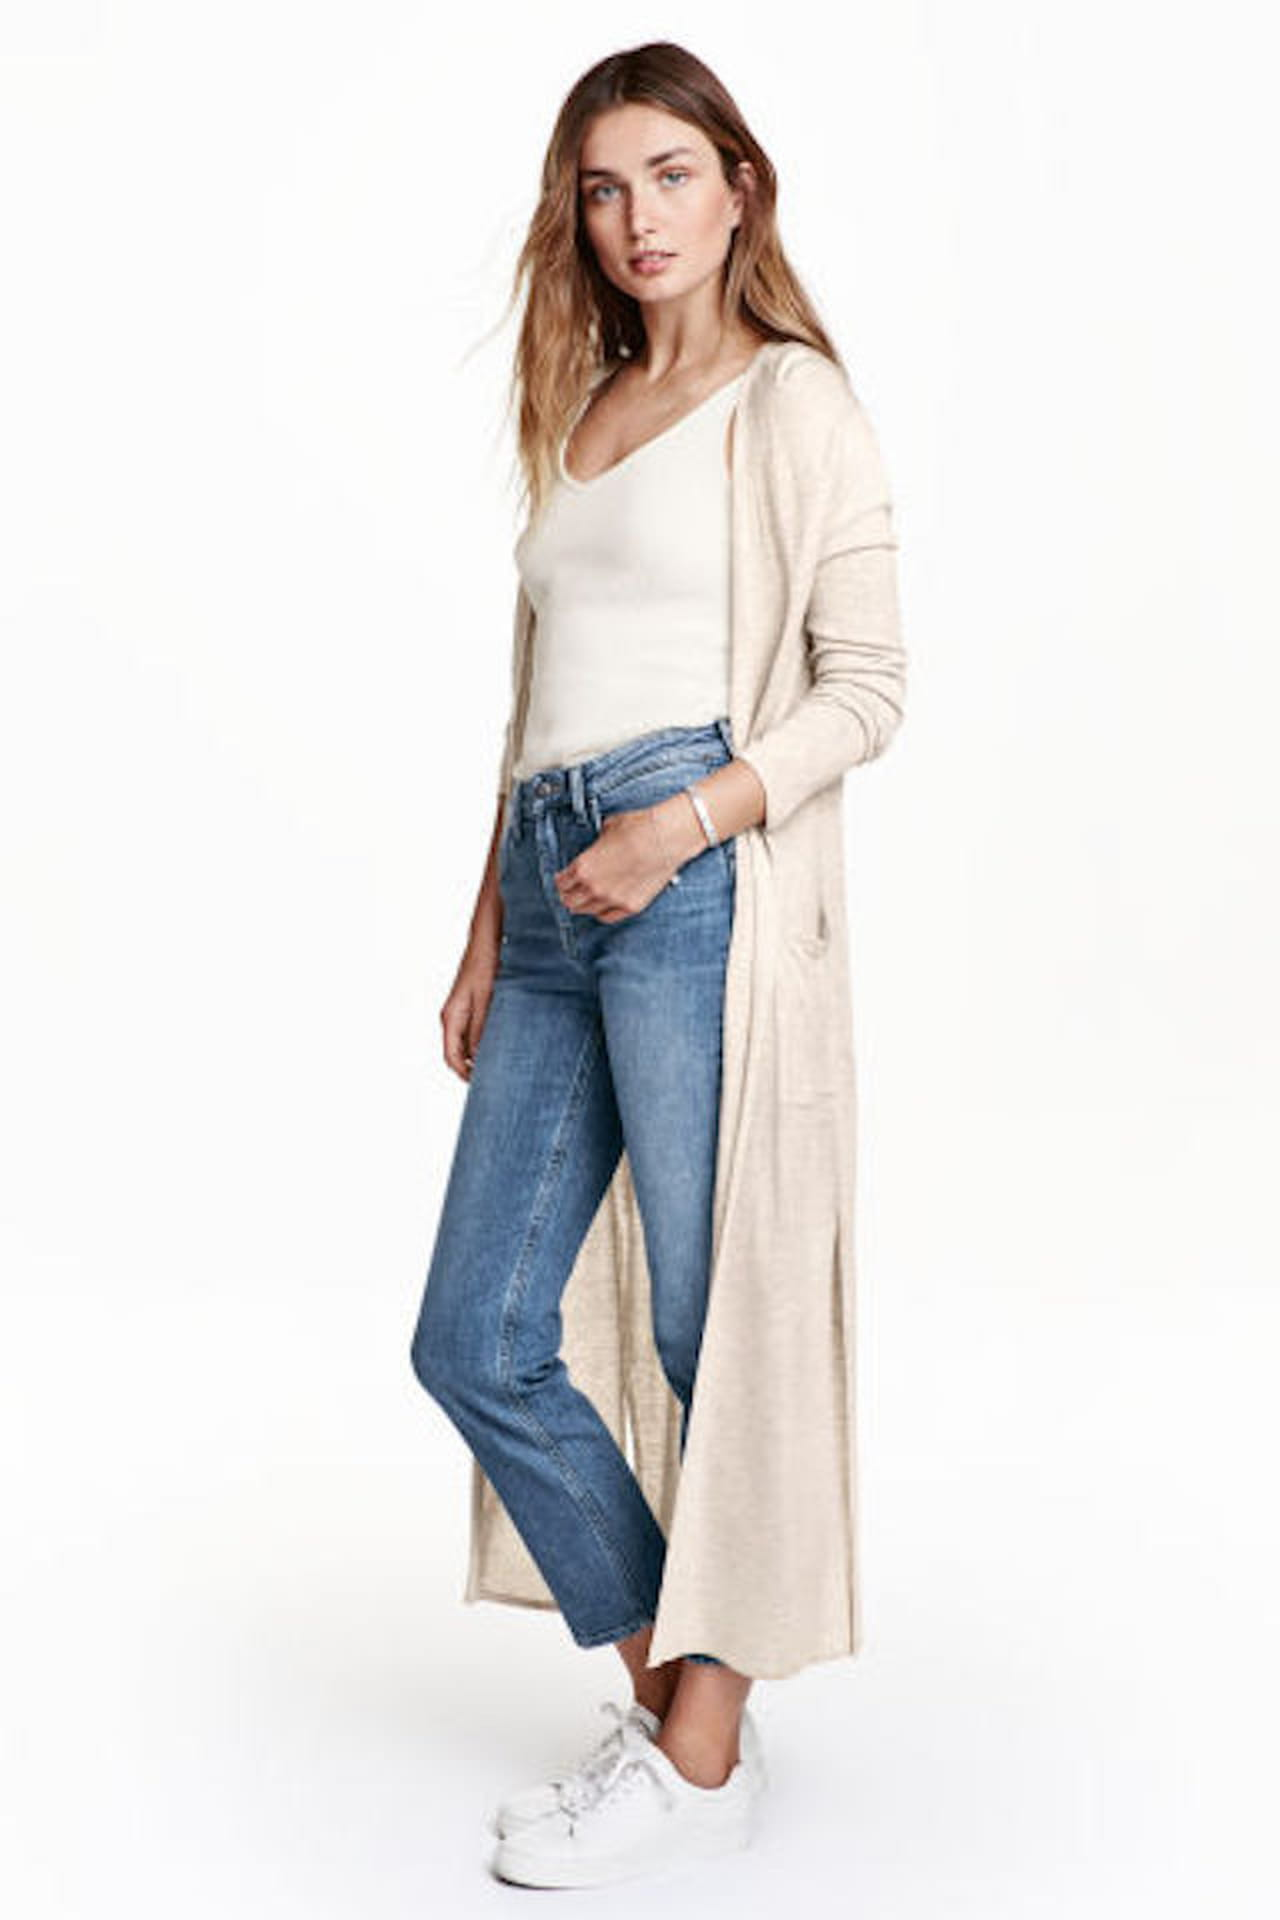 Vestiti casual donna